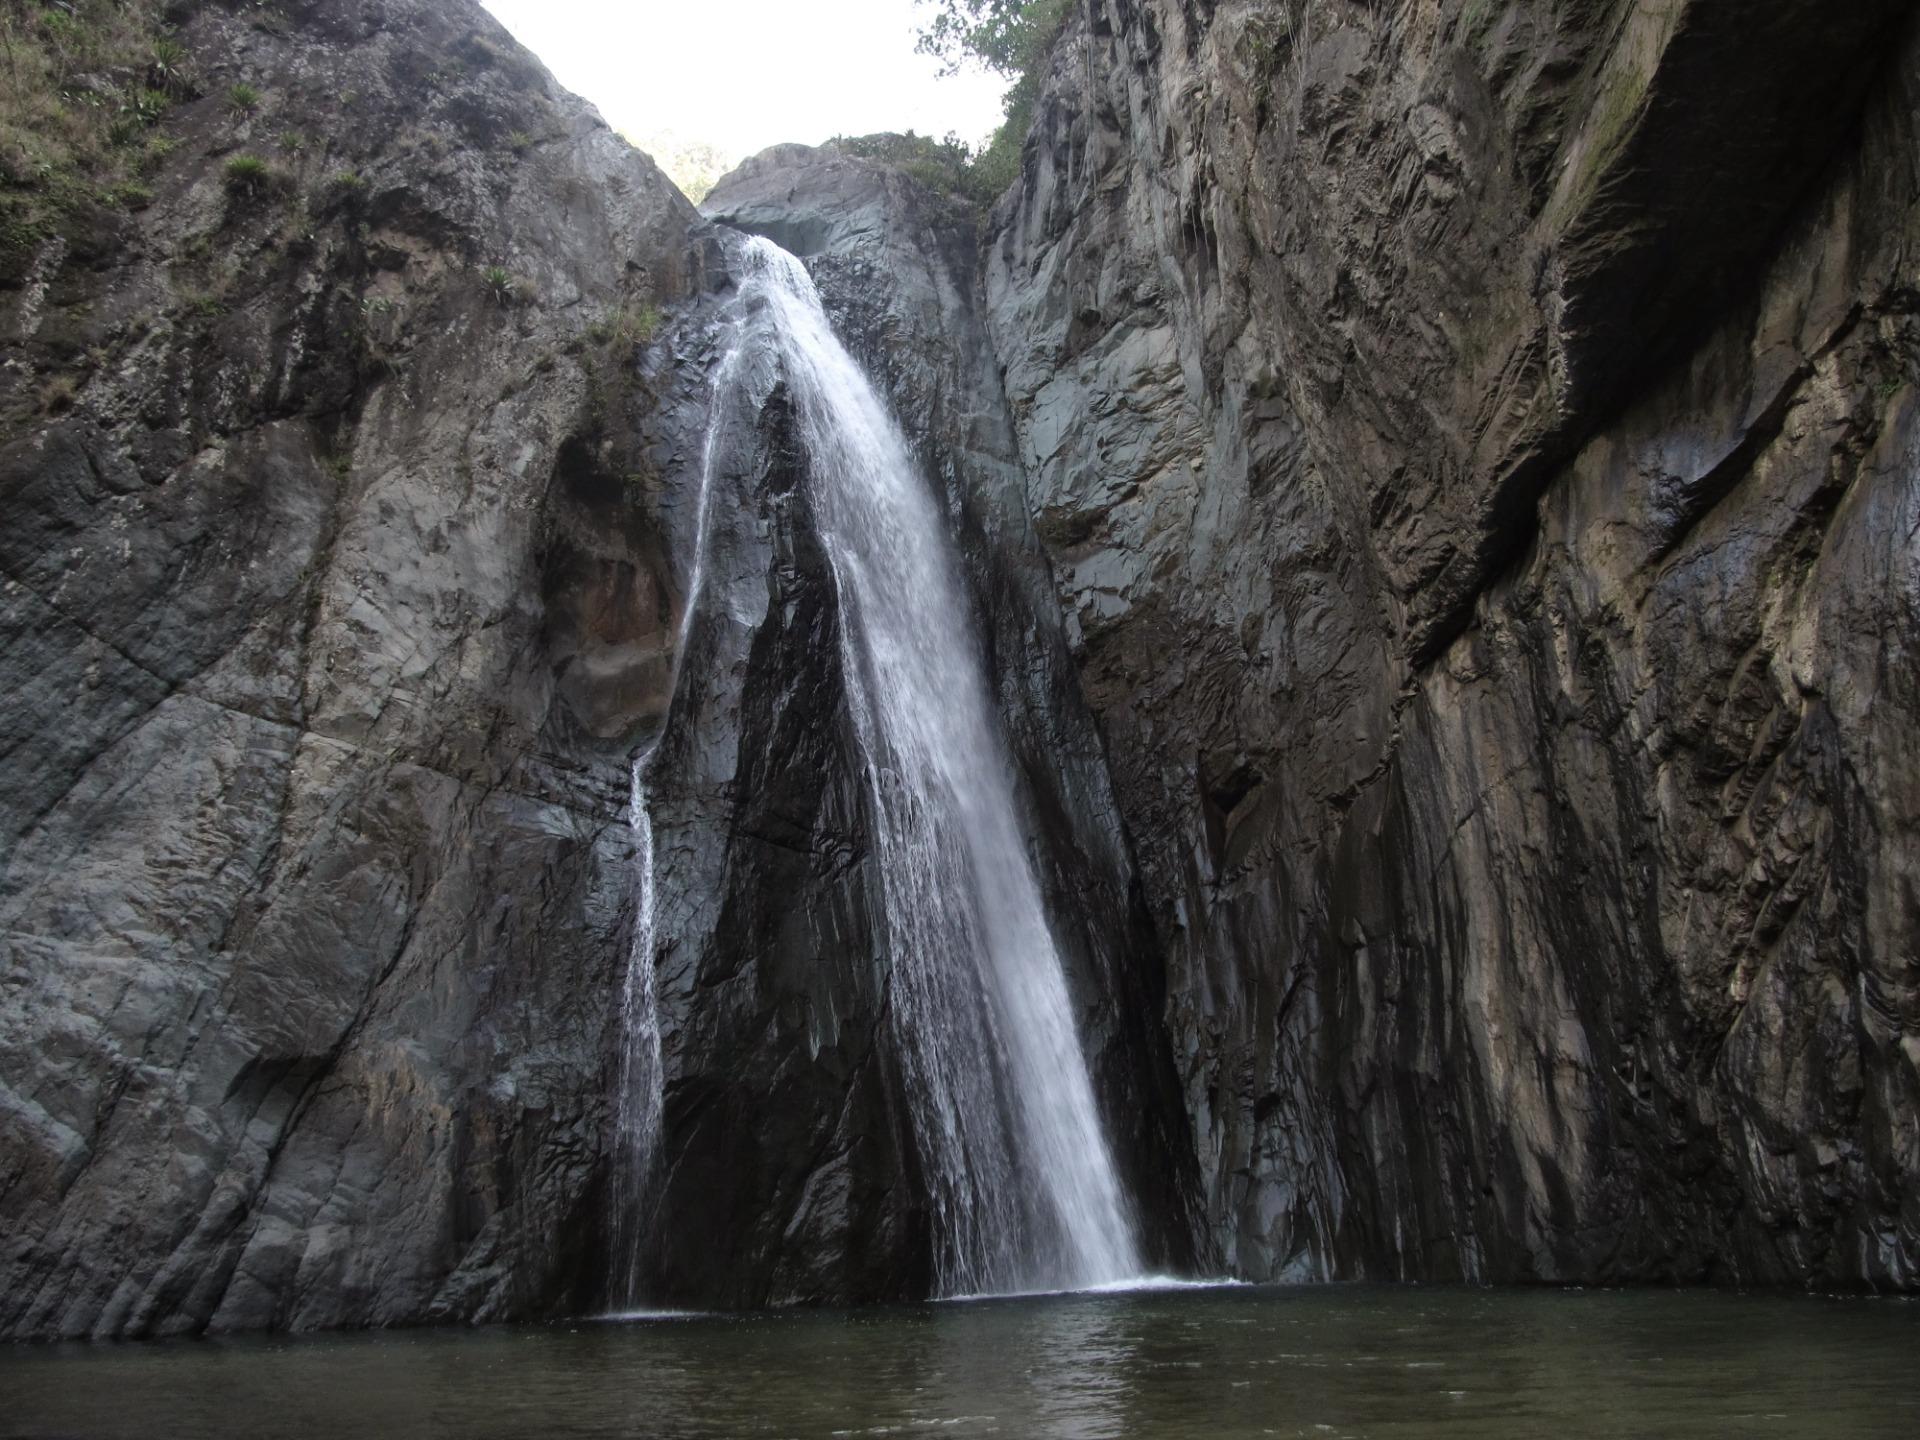 Z wysokości 60 m. spada kaskada wody